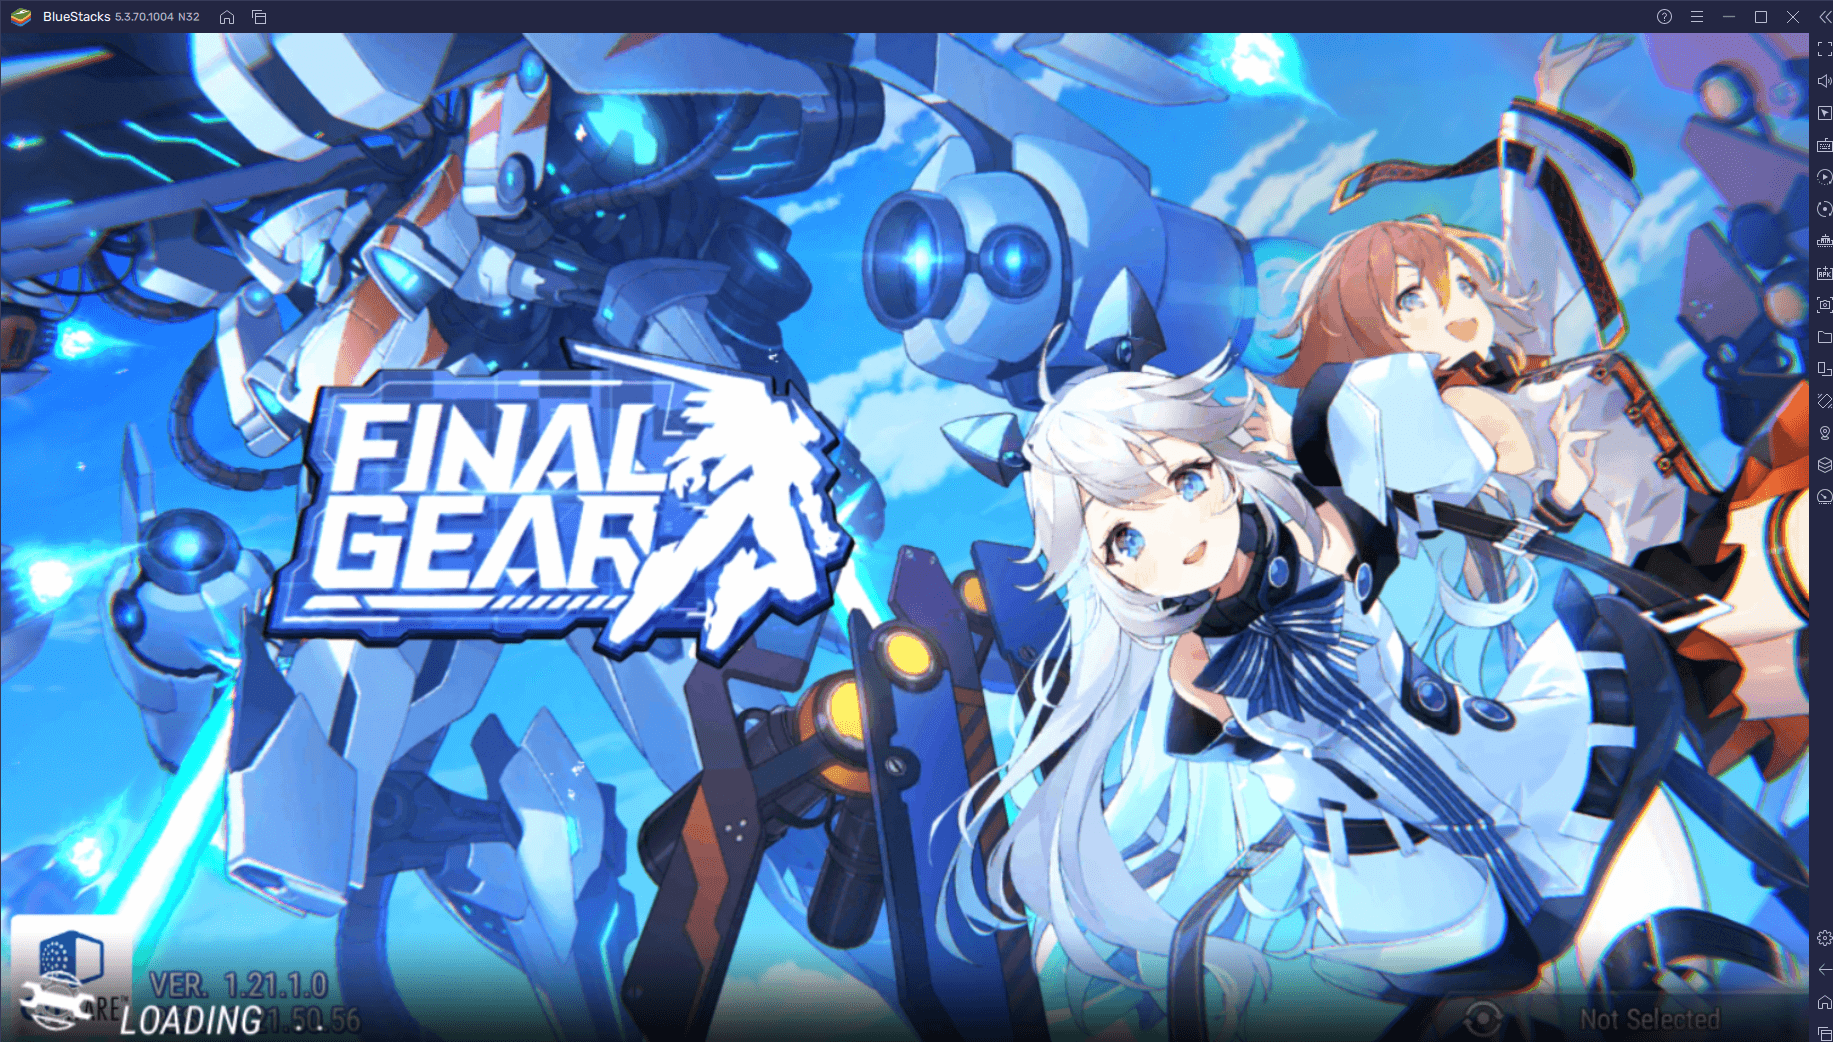 Saiba como fazer reroll em Final Gear e comece o jogo com as melhores personagens